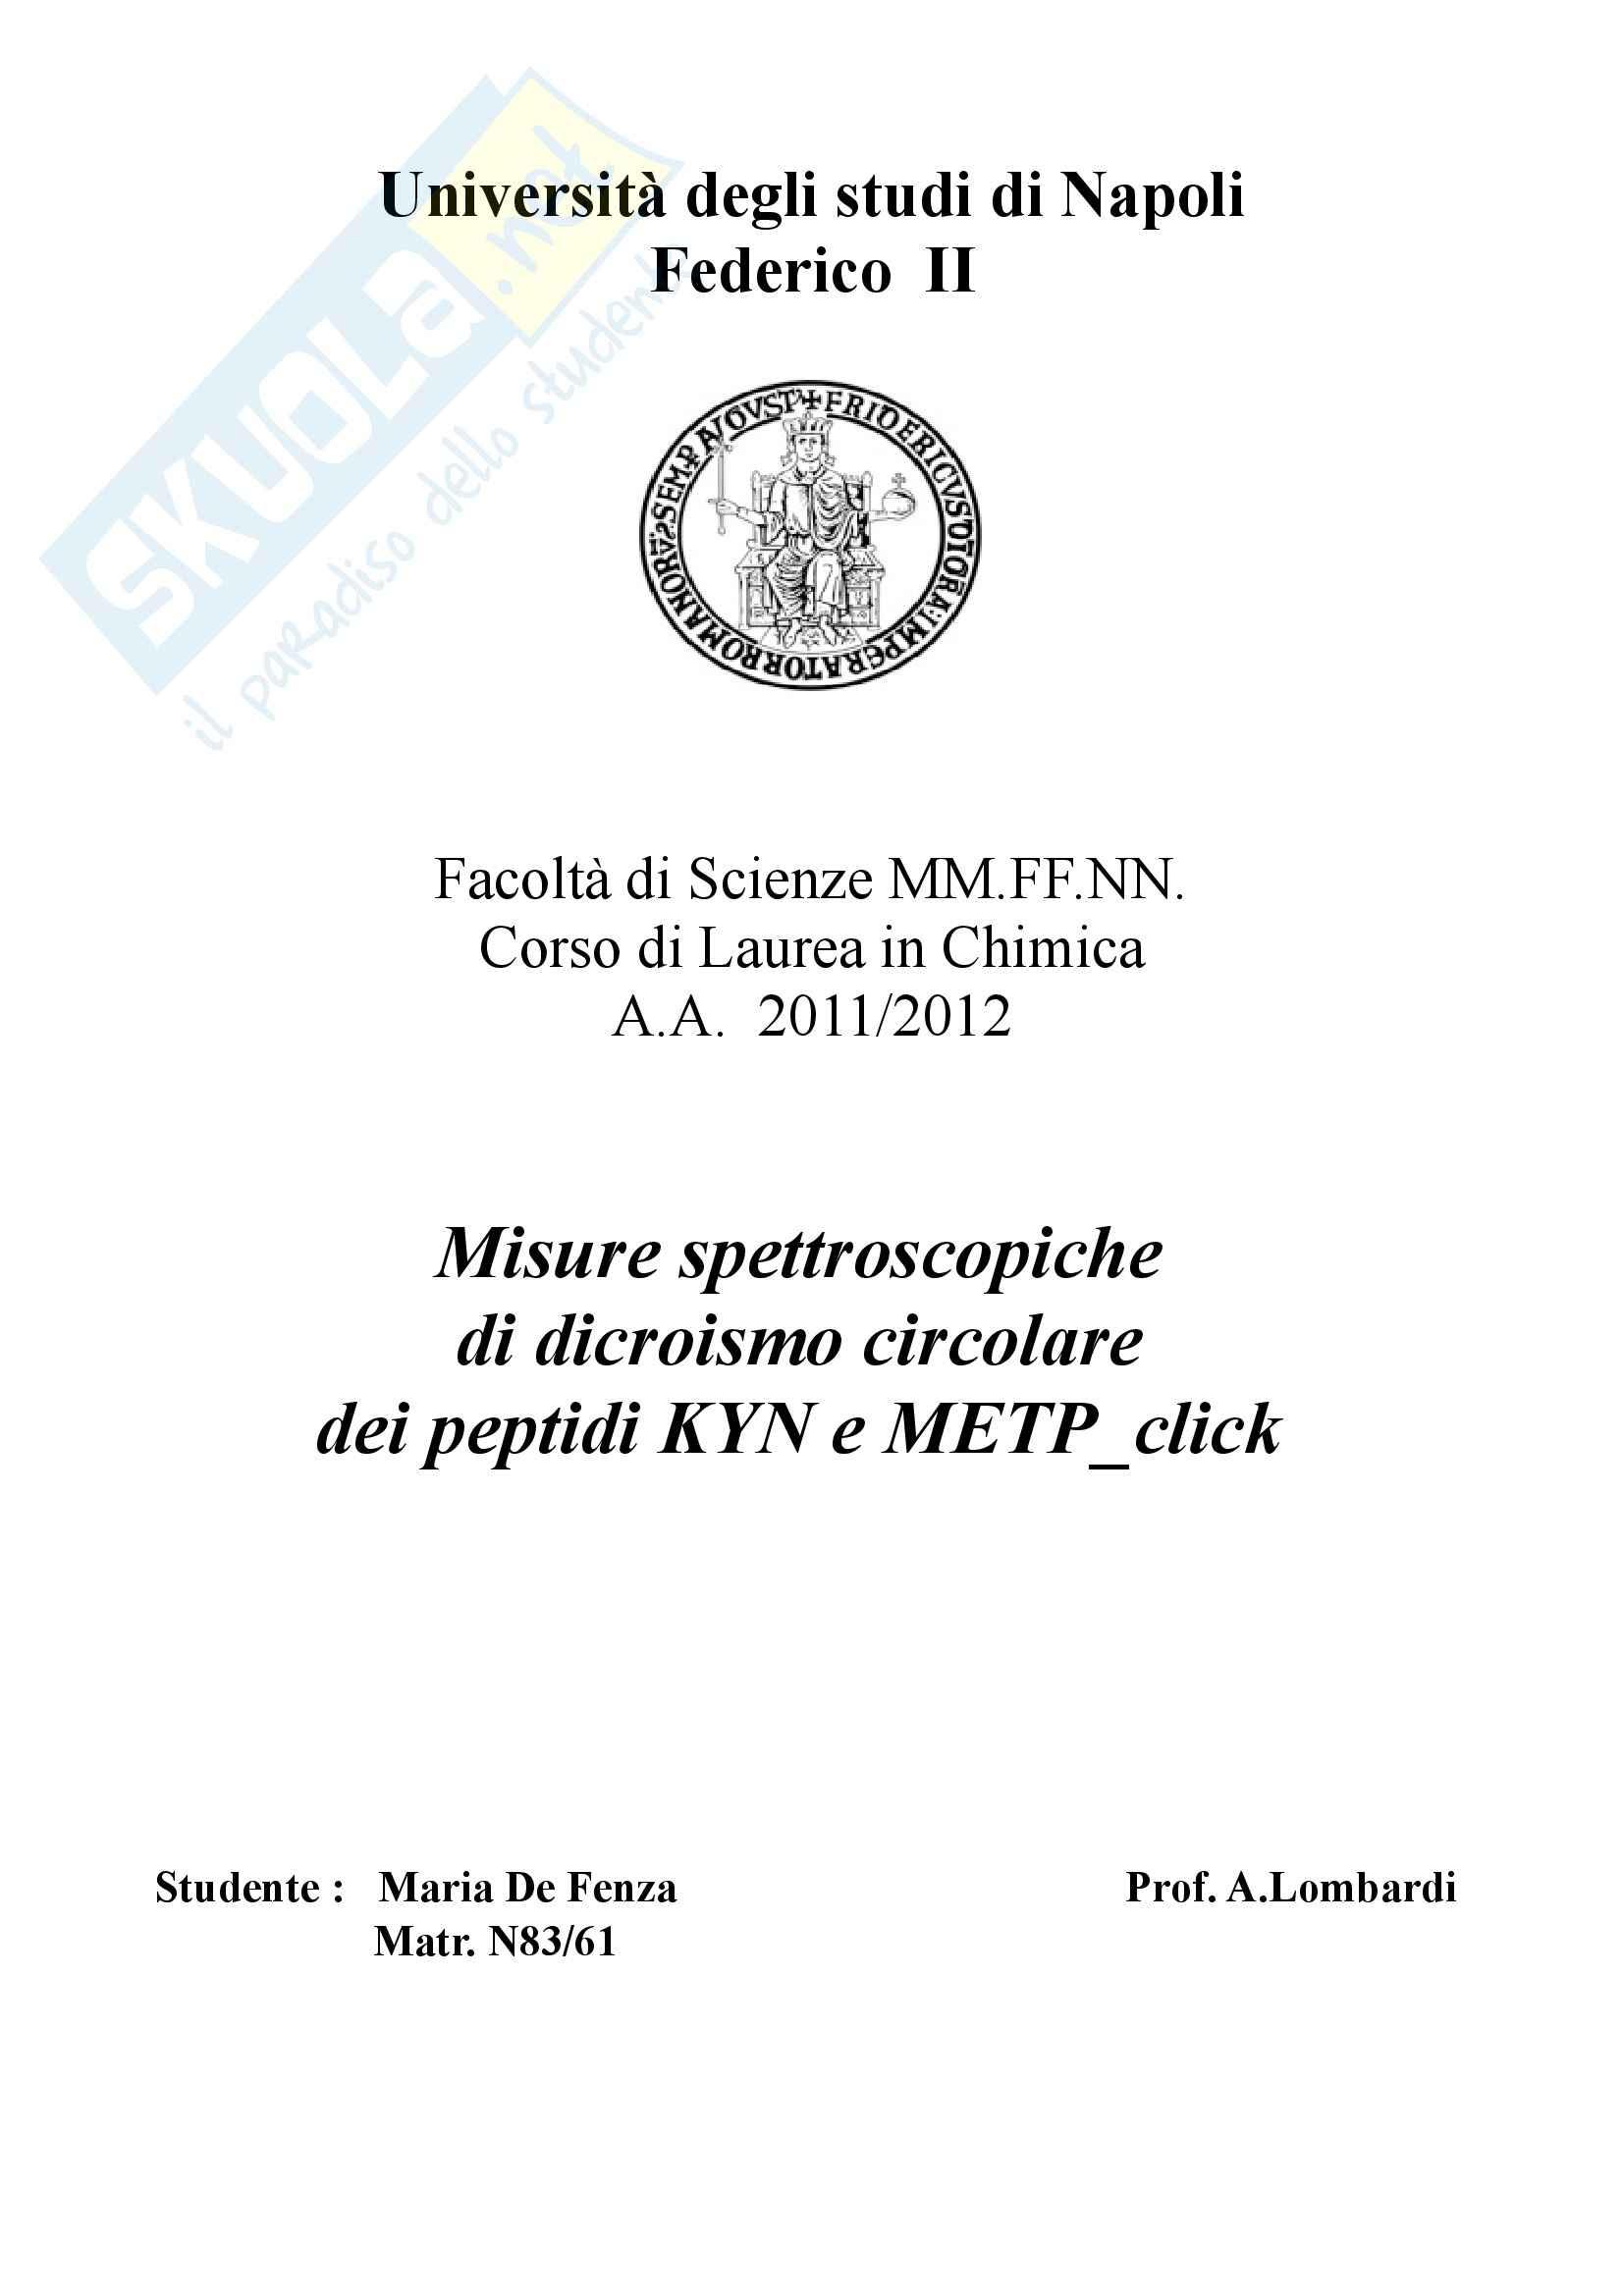 appunto A. Lombardi Chimica fisica